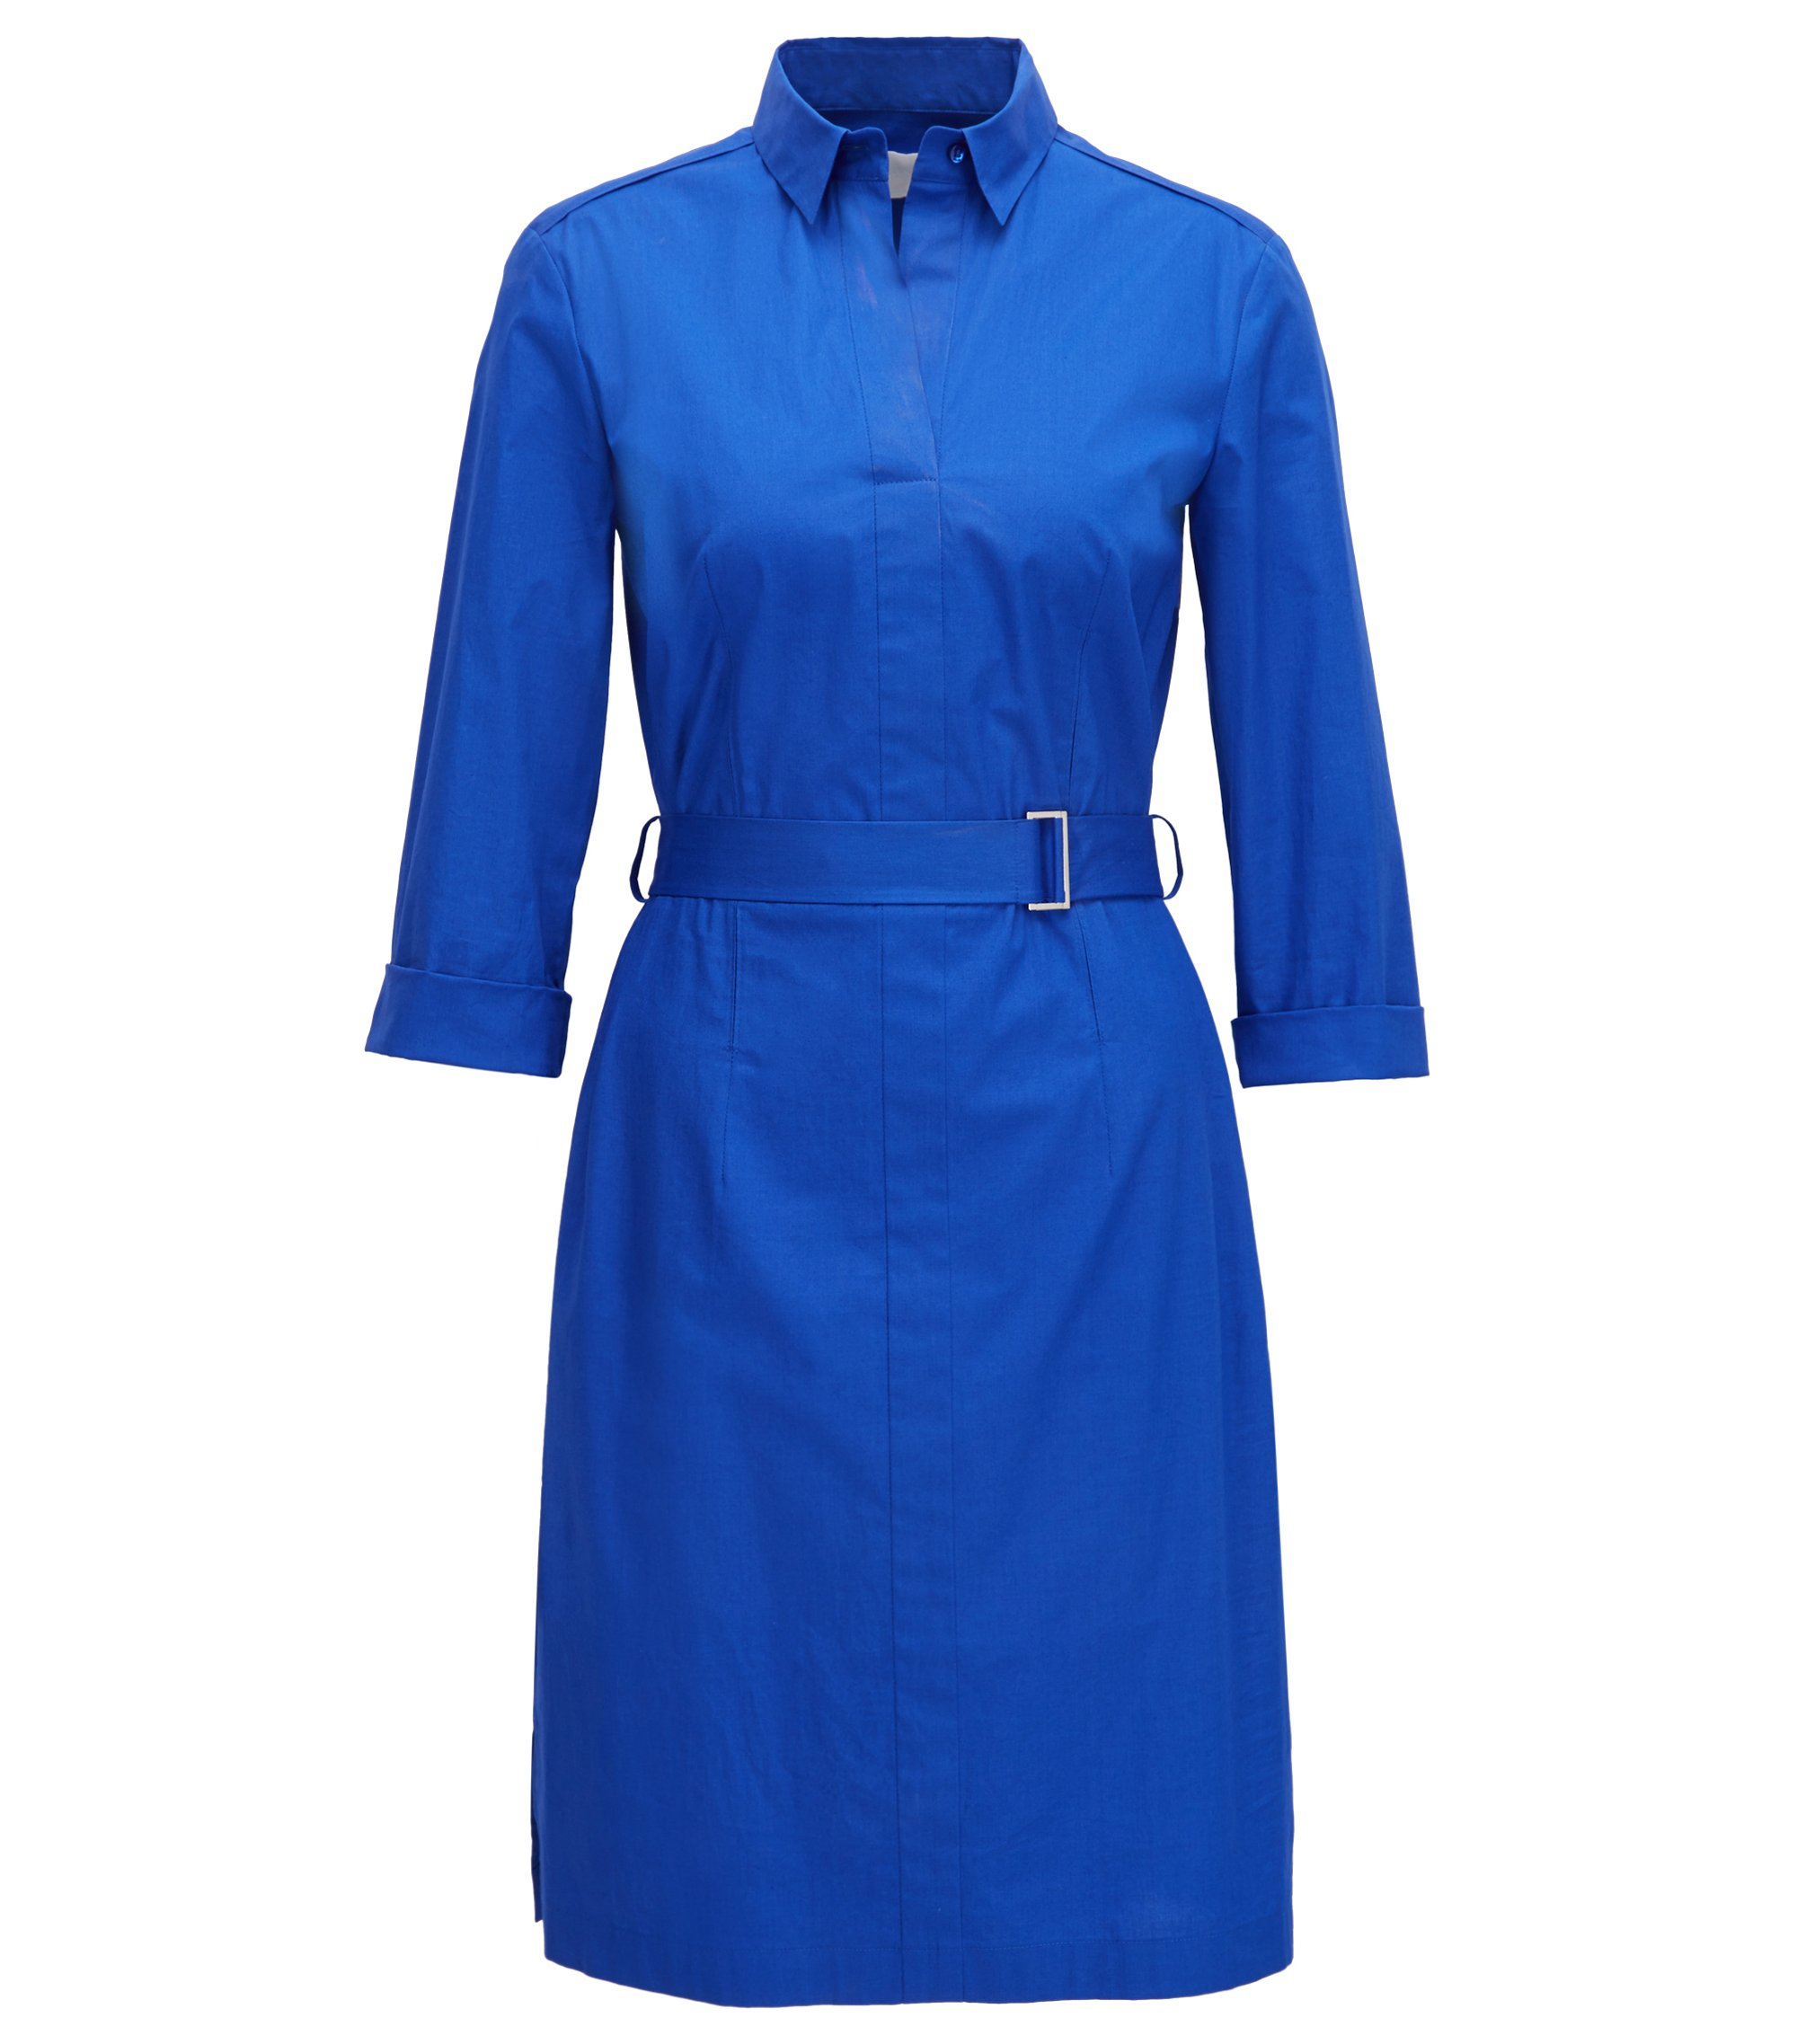 Regular-Fit Hemdblusenkleid aus elastischer Baumwolle mit Gürtel, Blau